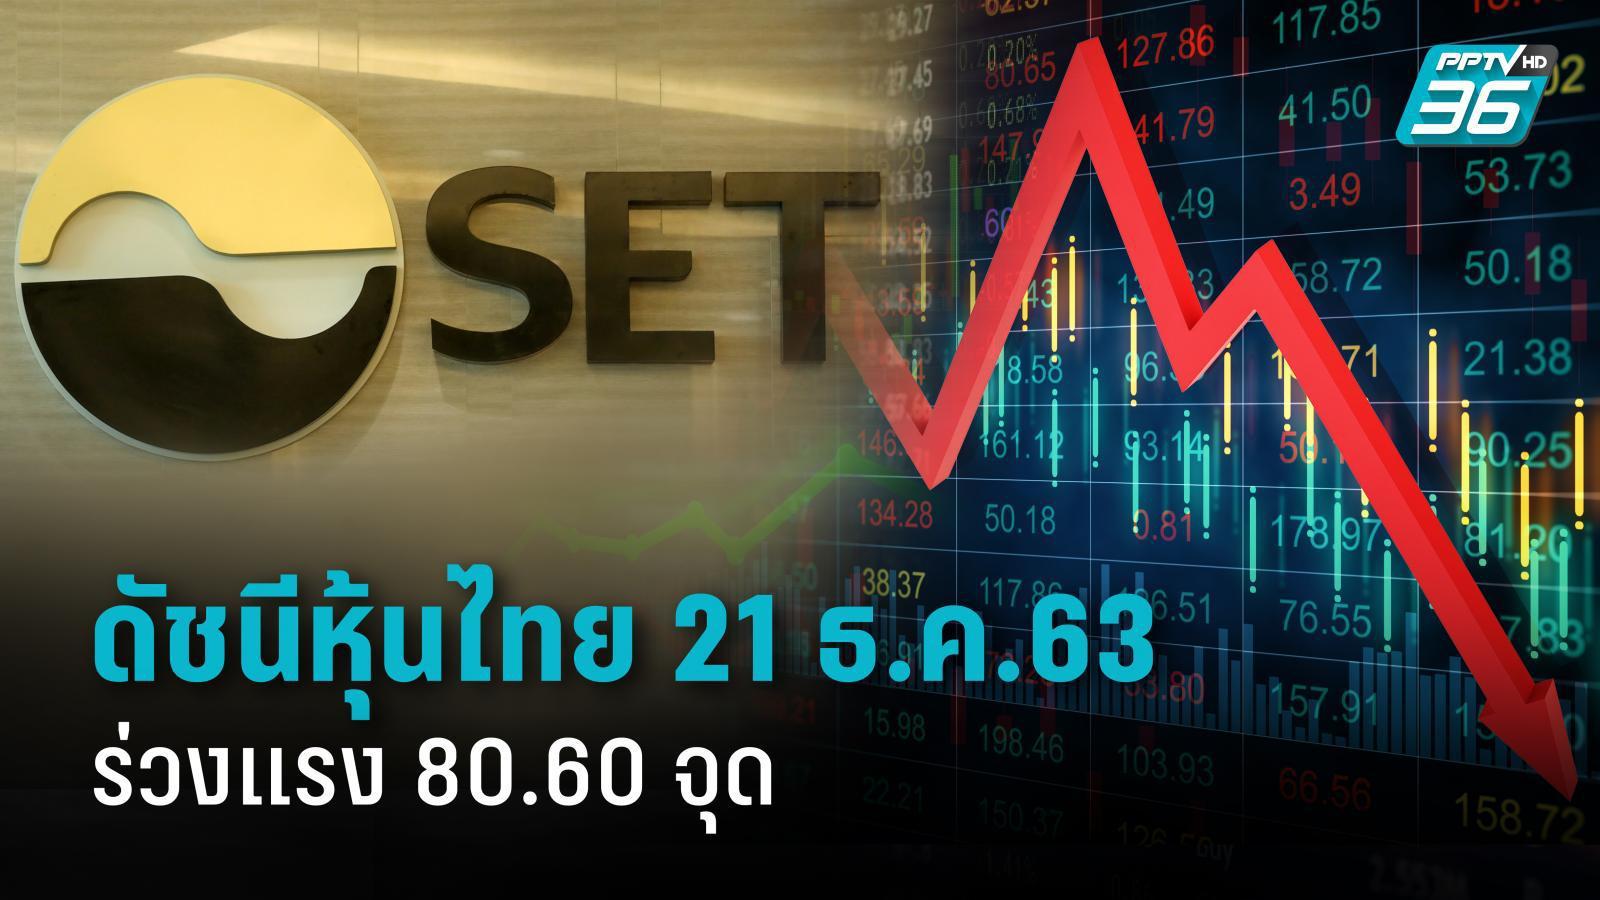 หุ้นไทยวันนี้ (21 ธ.ค.63) ดิ่งลง 80.60 จุด ปิดการซื้อขายที่  1,401.78 จุด